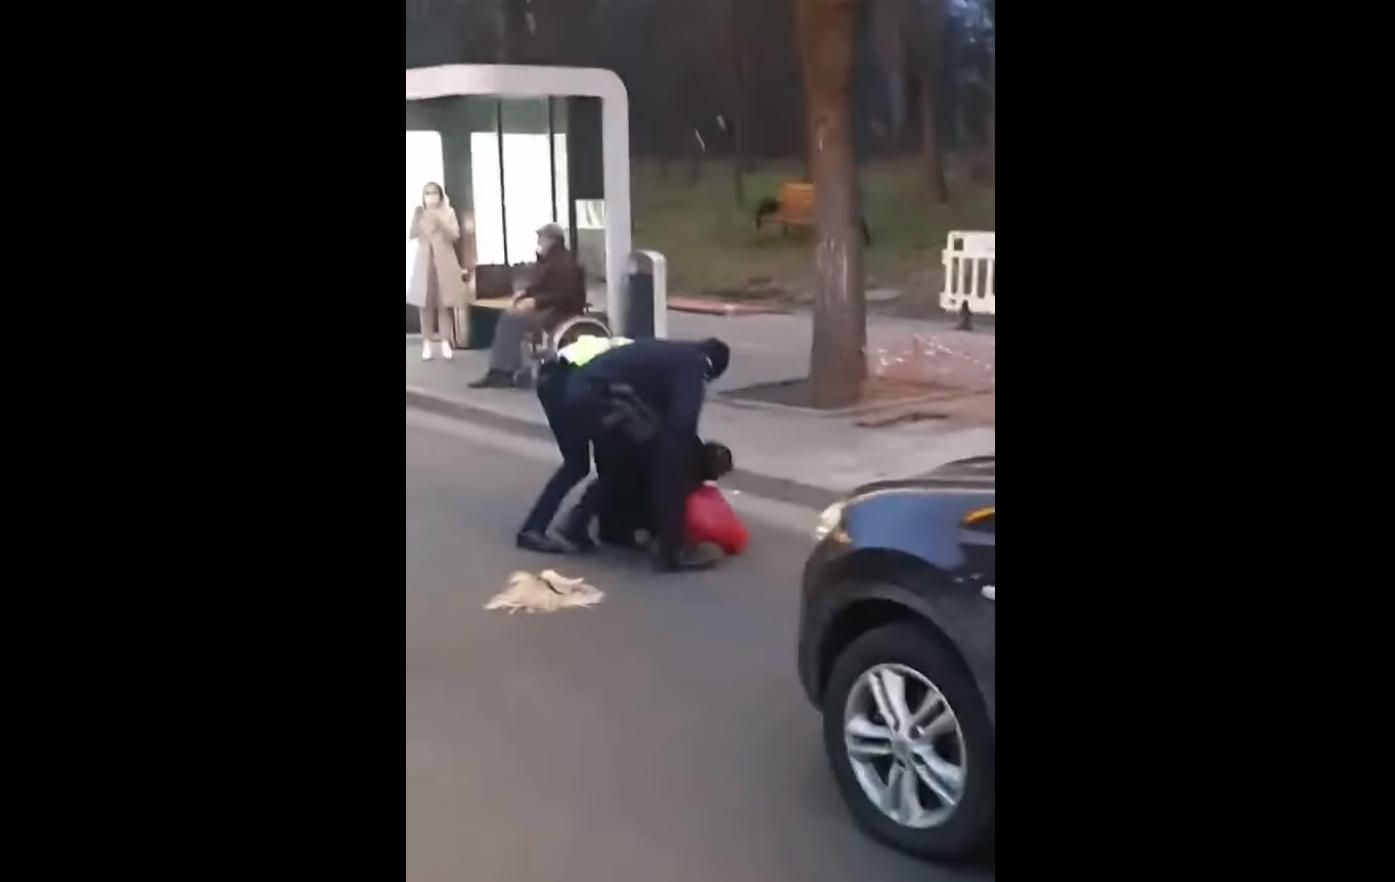 Poliția Română, reclamată pentru abuz și tortură de o femeie transgender.